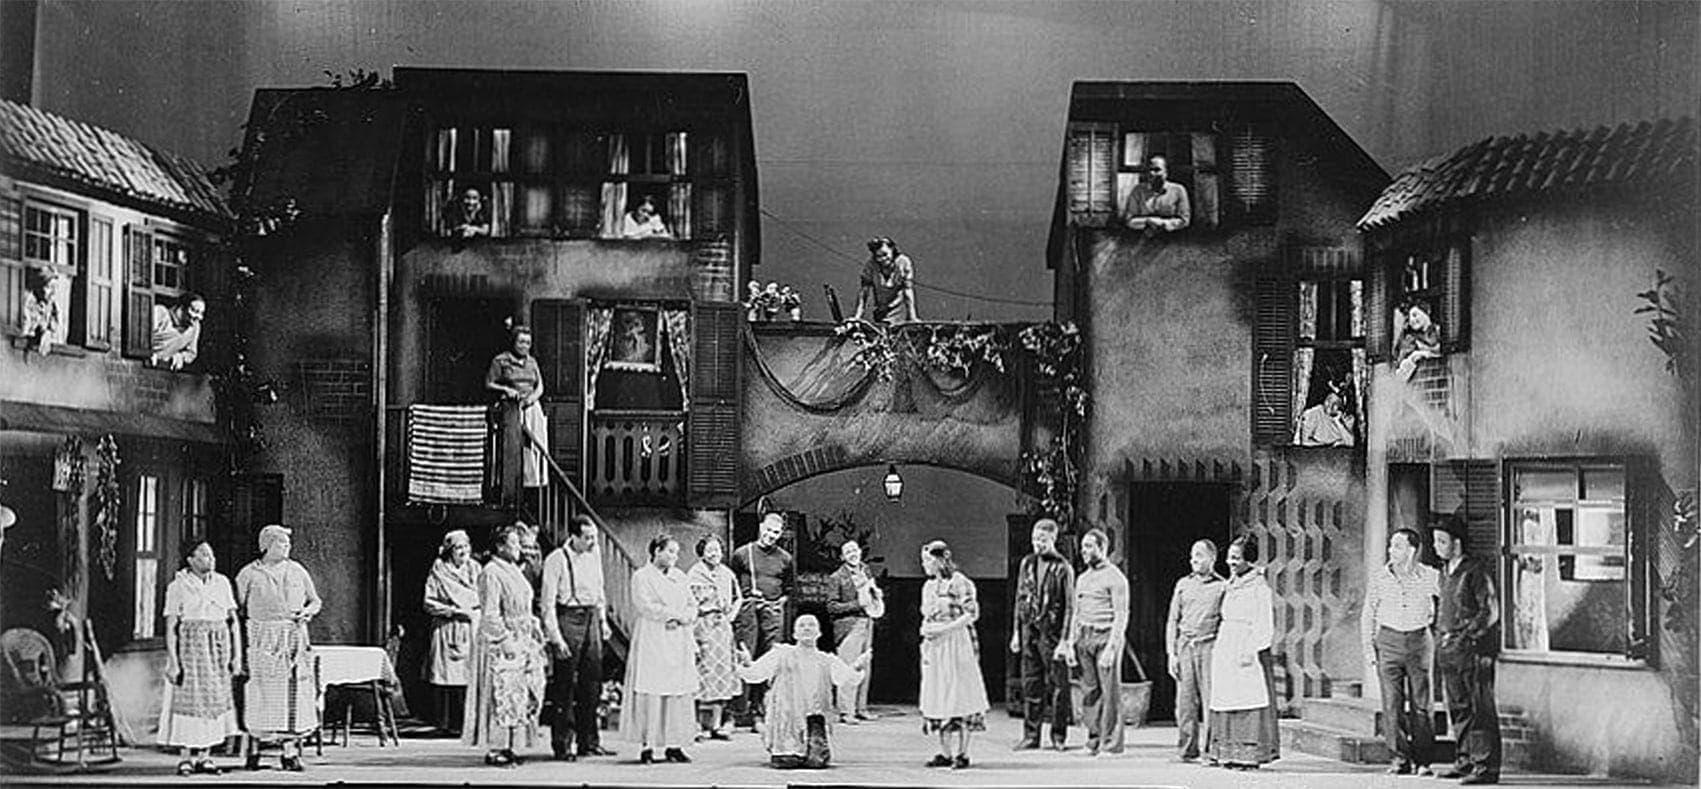 «Порги и Бесс» на Бродвее, 1935 г.